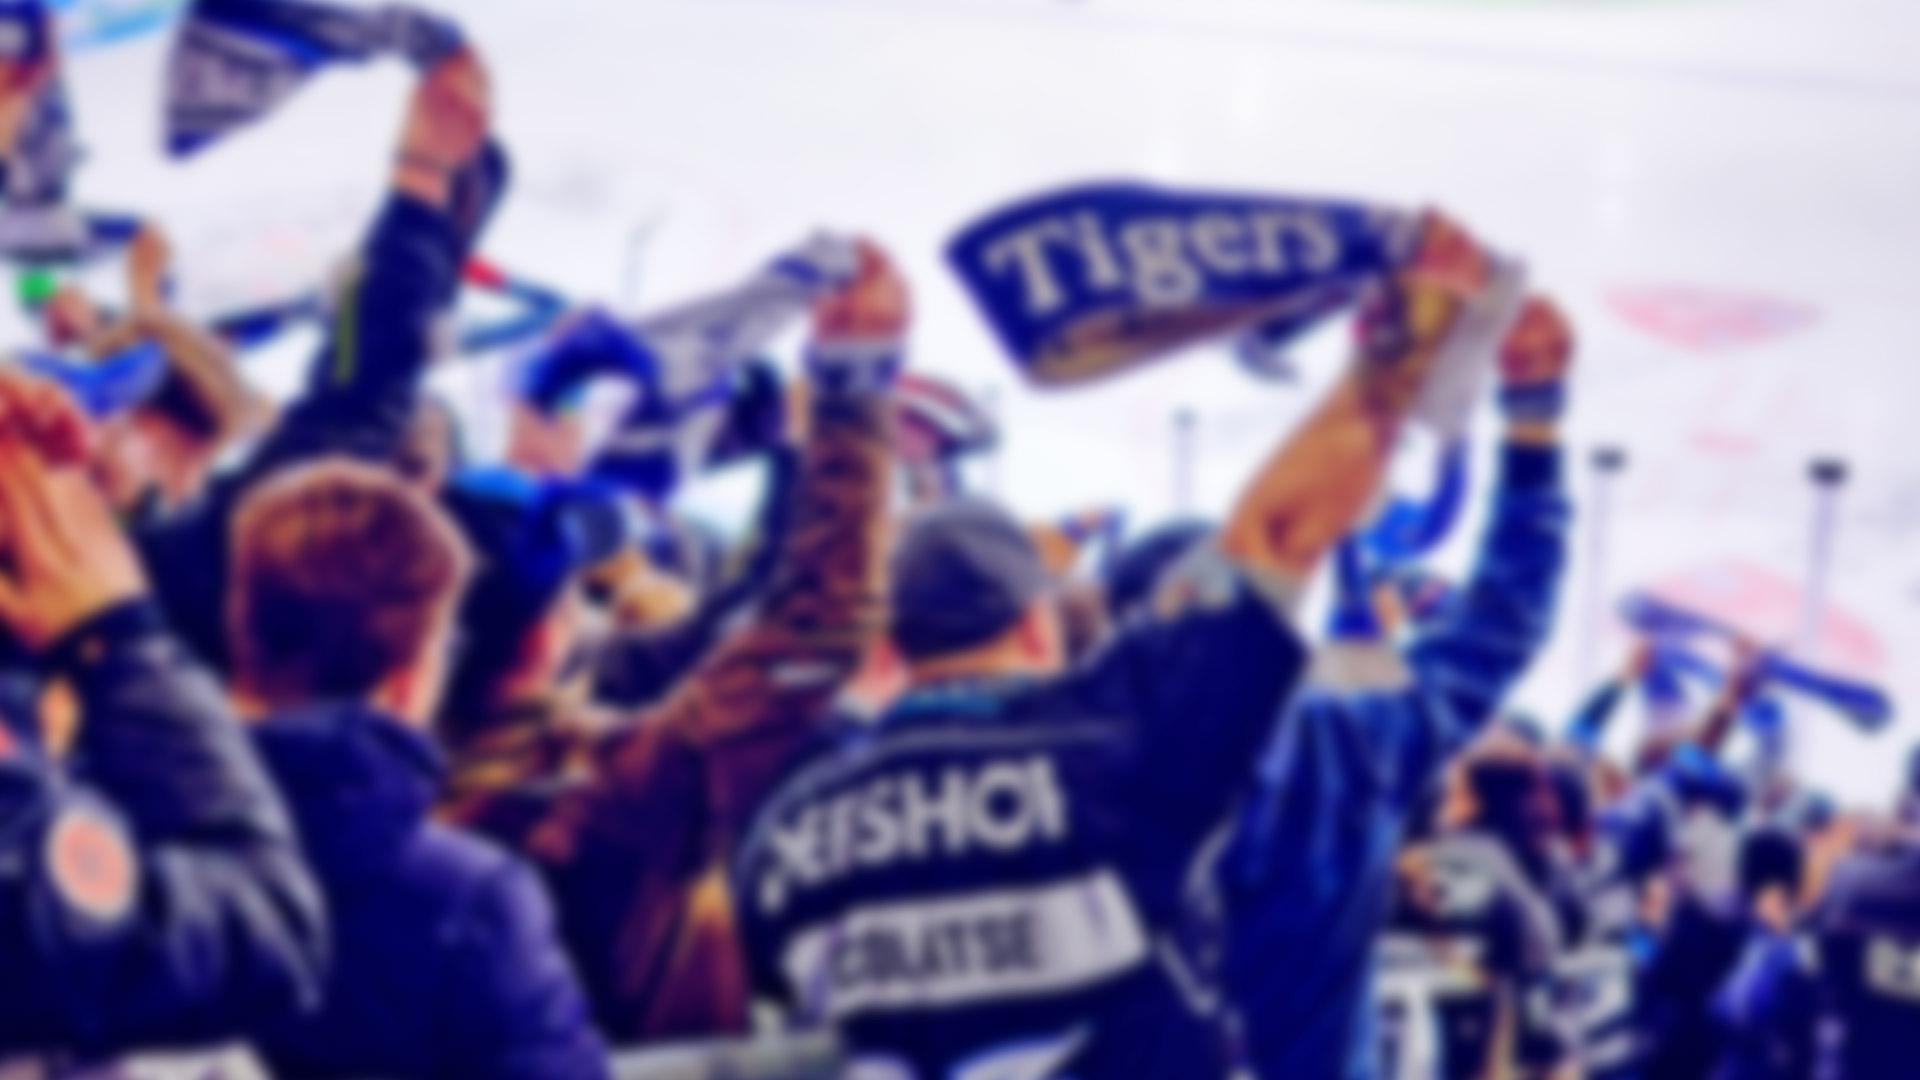 jubelnde Fans im Eisstadion am Pulverturm